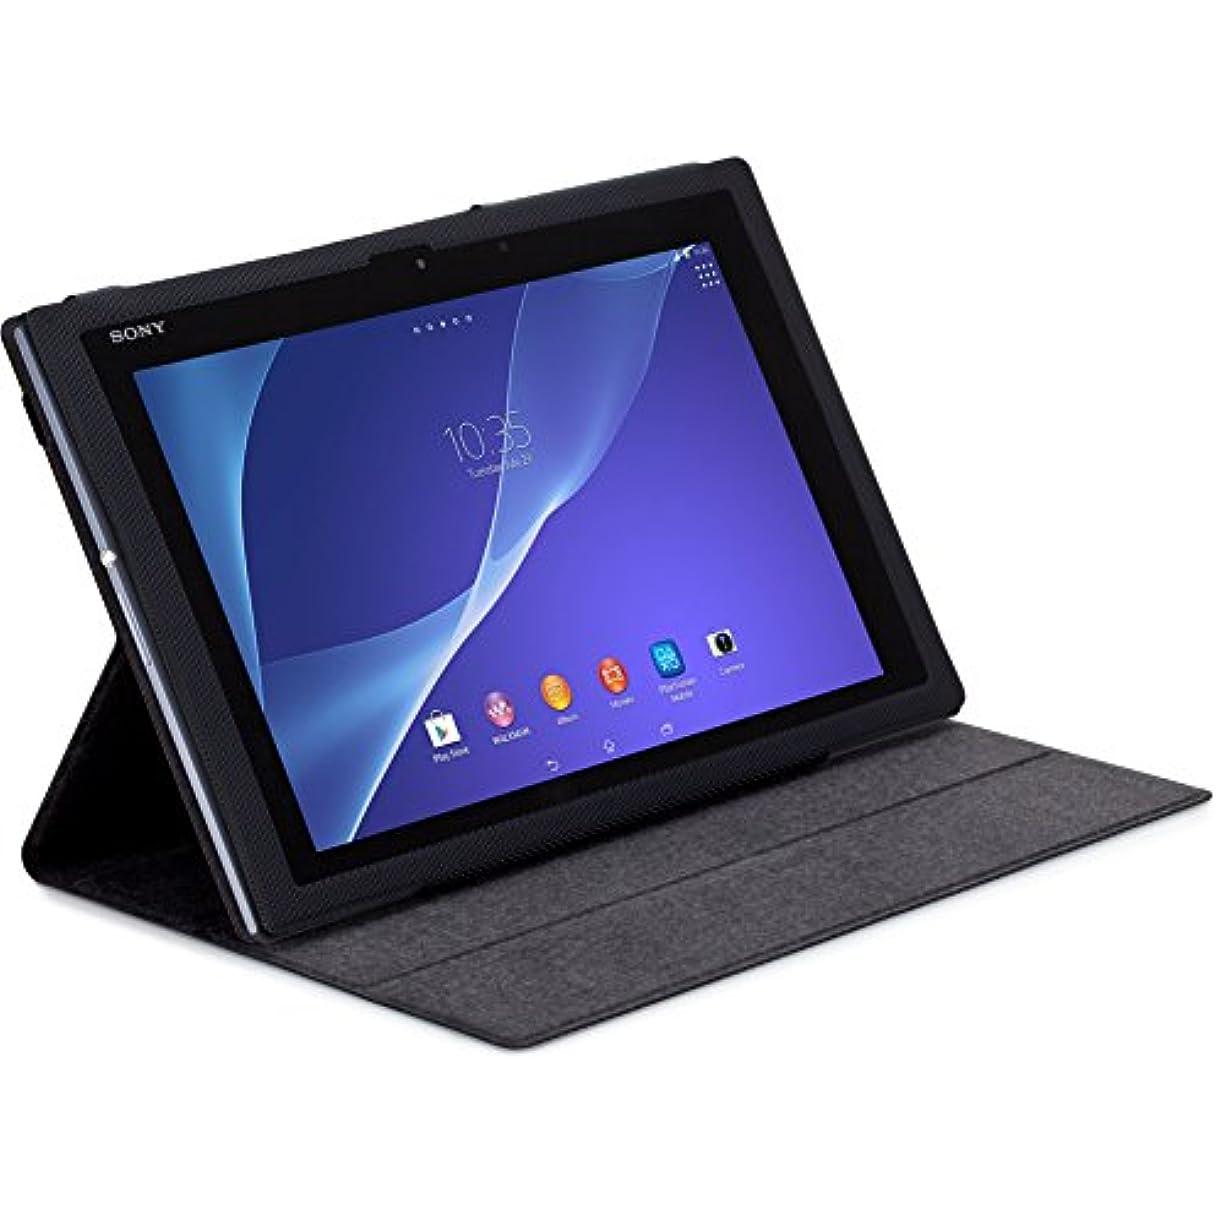 ブリッジなくなるコマンドCase-Mate 日本正規品 SONY Xperia Z2 Tablet Slim Folio Case, Black ブックタイプ スリム フォリオ ケース スタンド機能つき ブラック CM031044